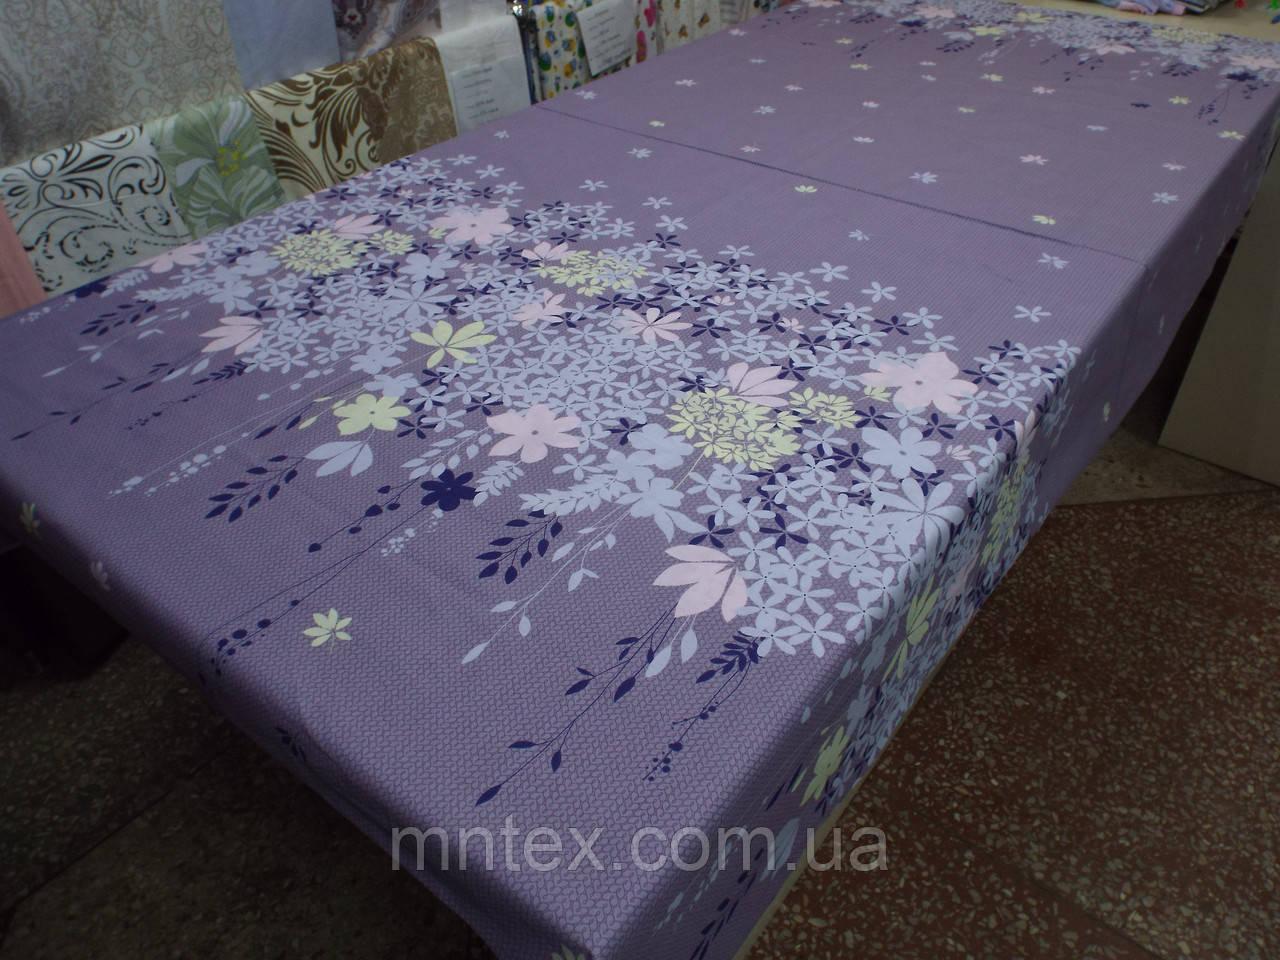 Ткань для пошива постельного белья Ранфорс Незабудки